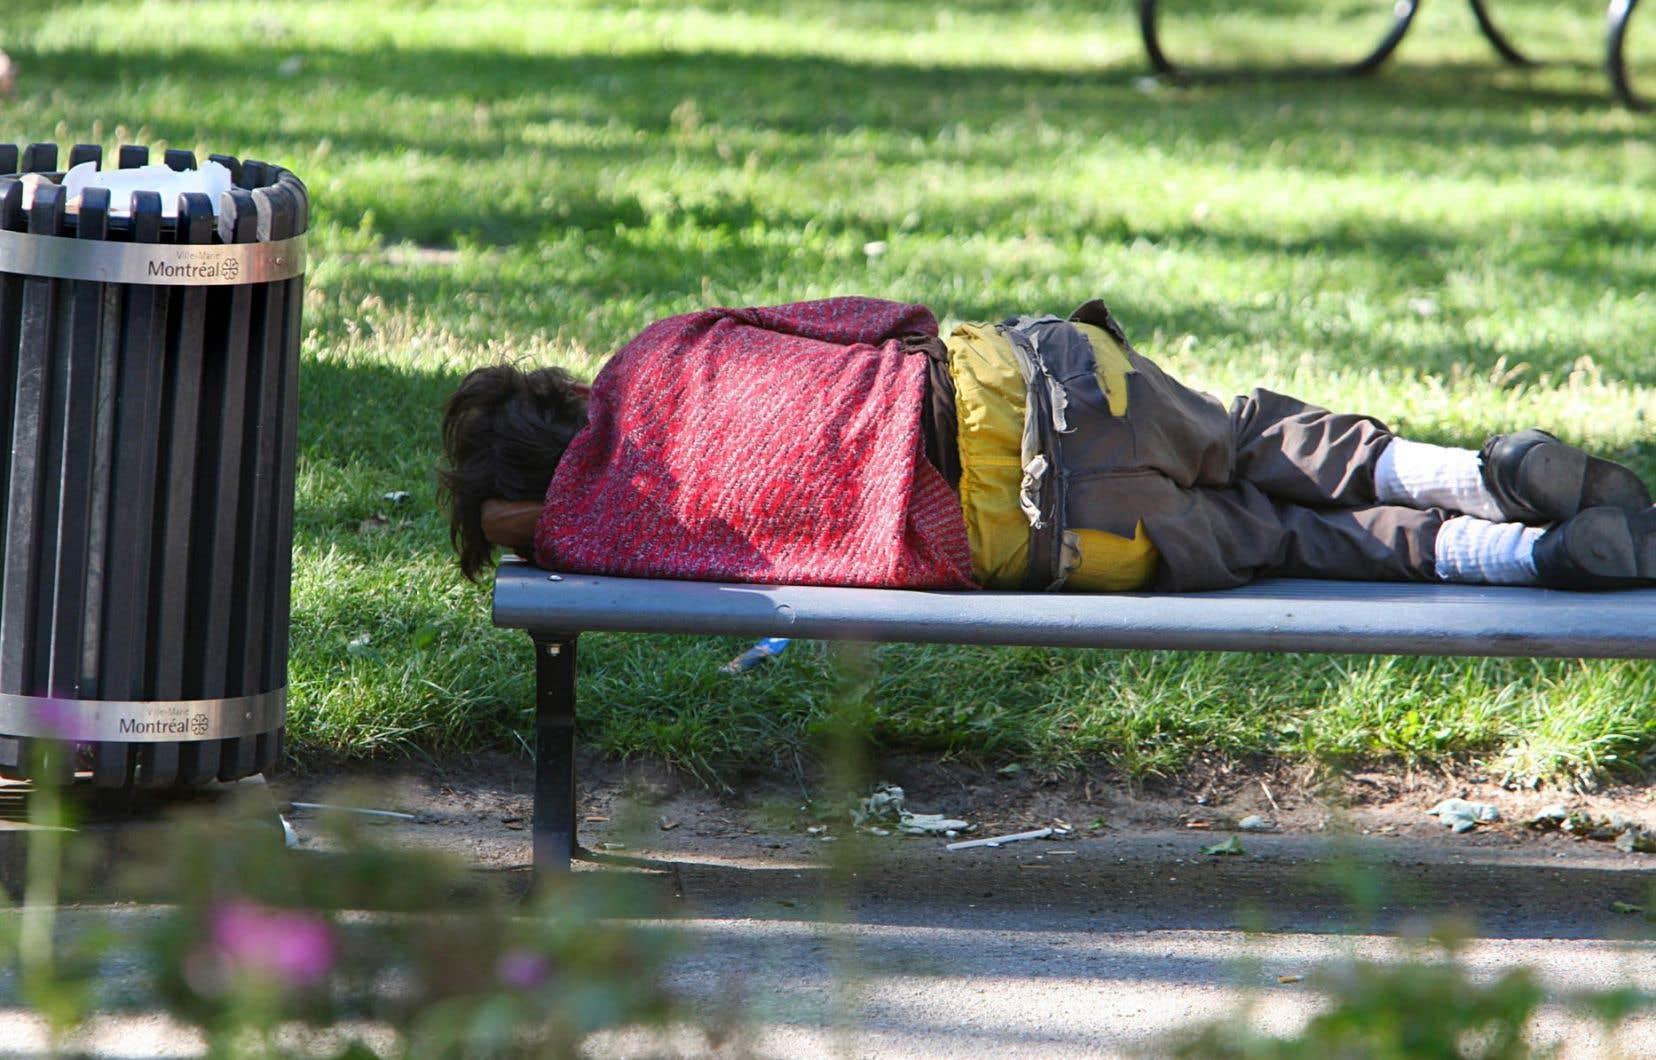 Bien que les organismes d'aide aux sans-abris déplorent le choix des bancs avec accoudoirs, ils reconnaissent tous que la ville manque de mobilier urbain.